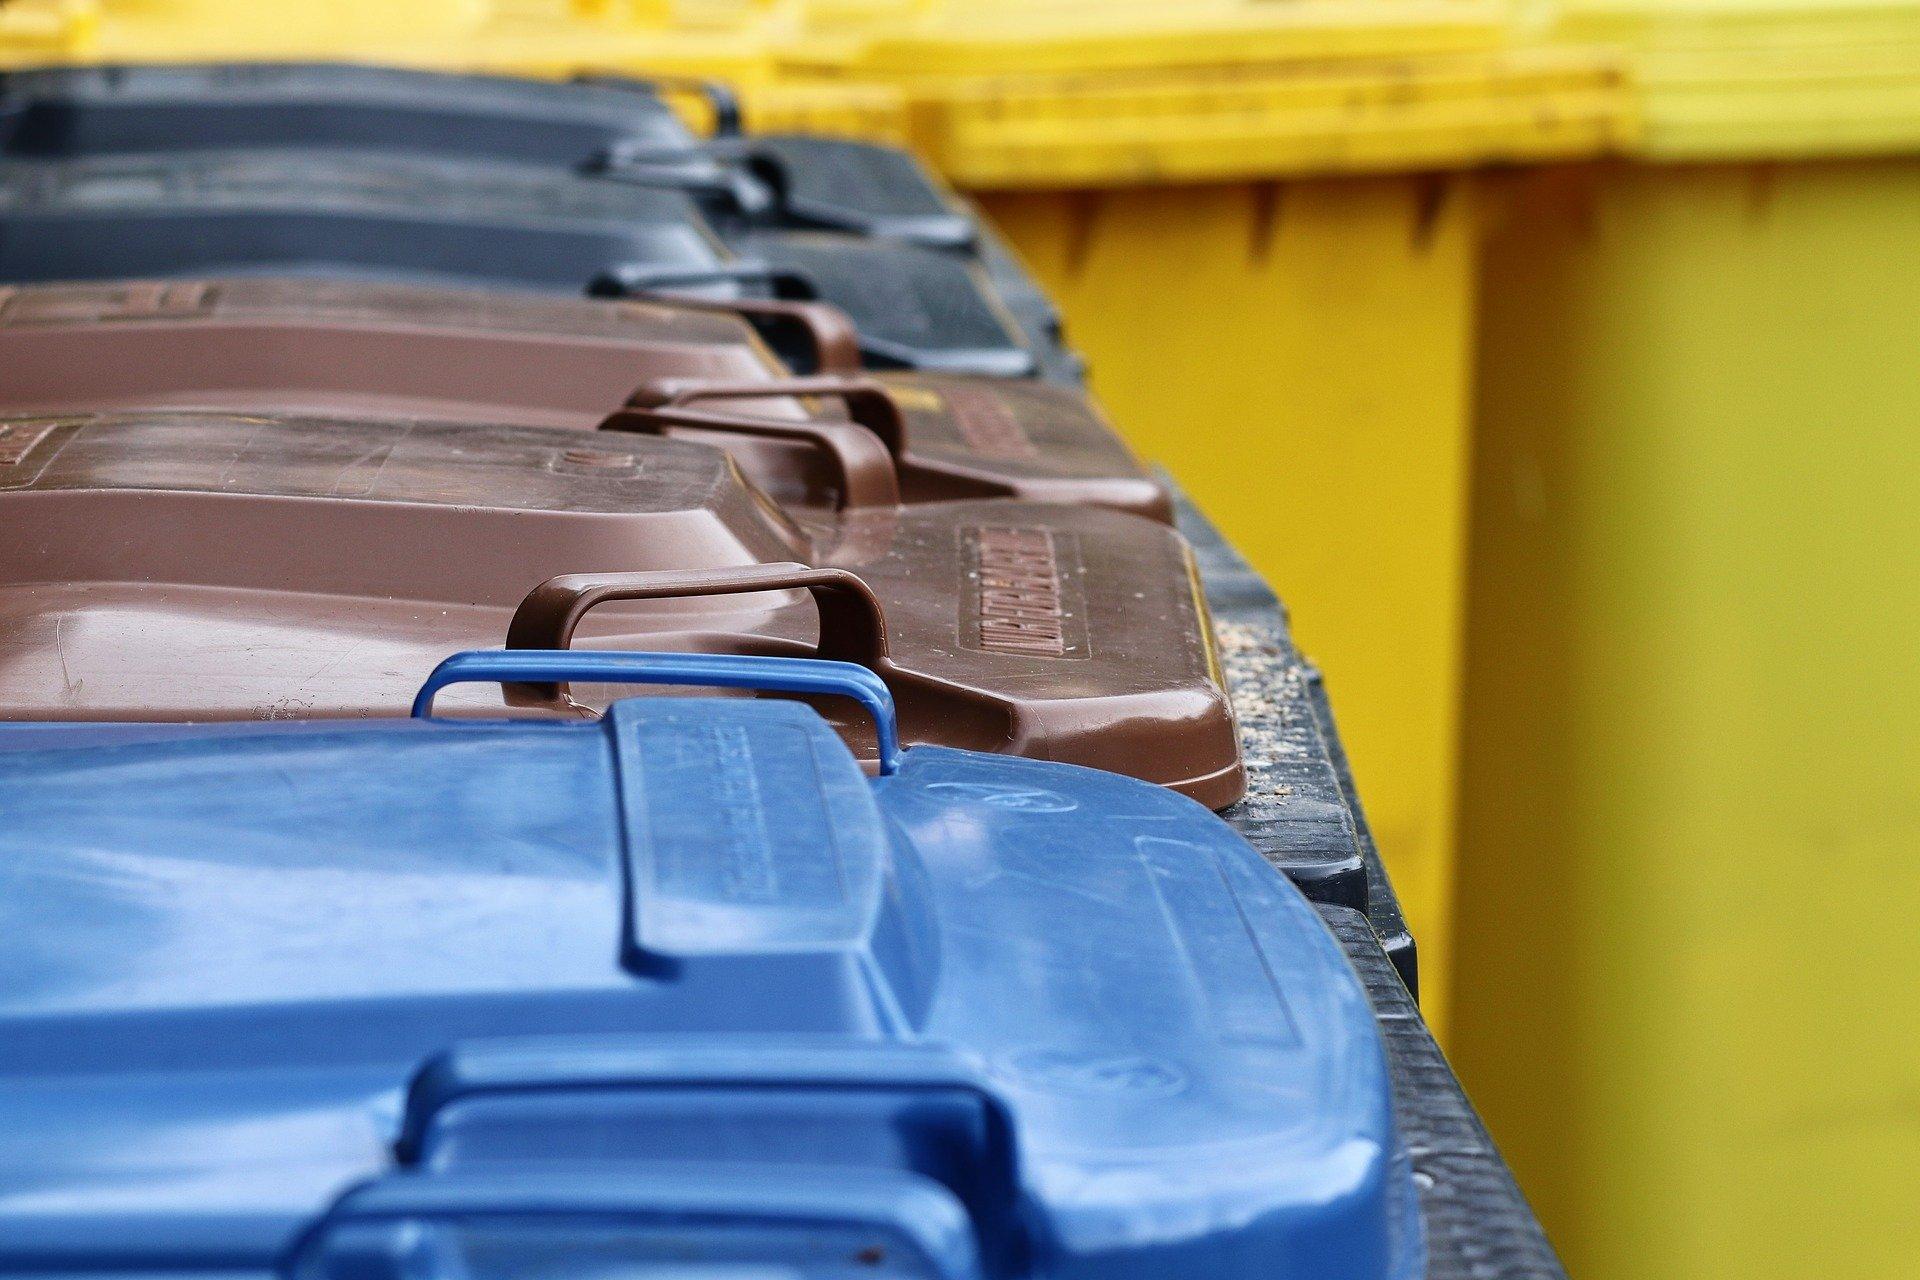 Австрийская компания проверила, насколько качественно сортируется мусор